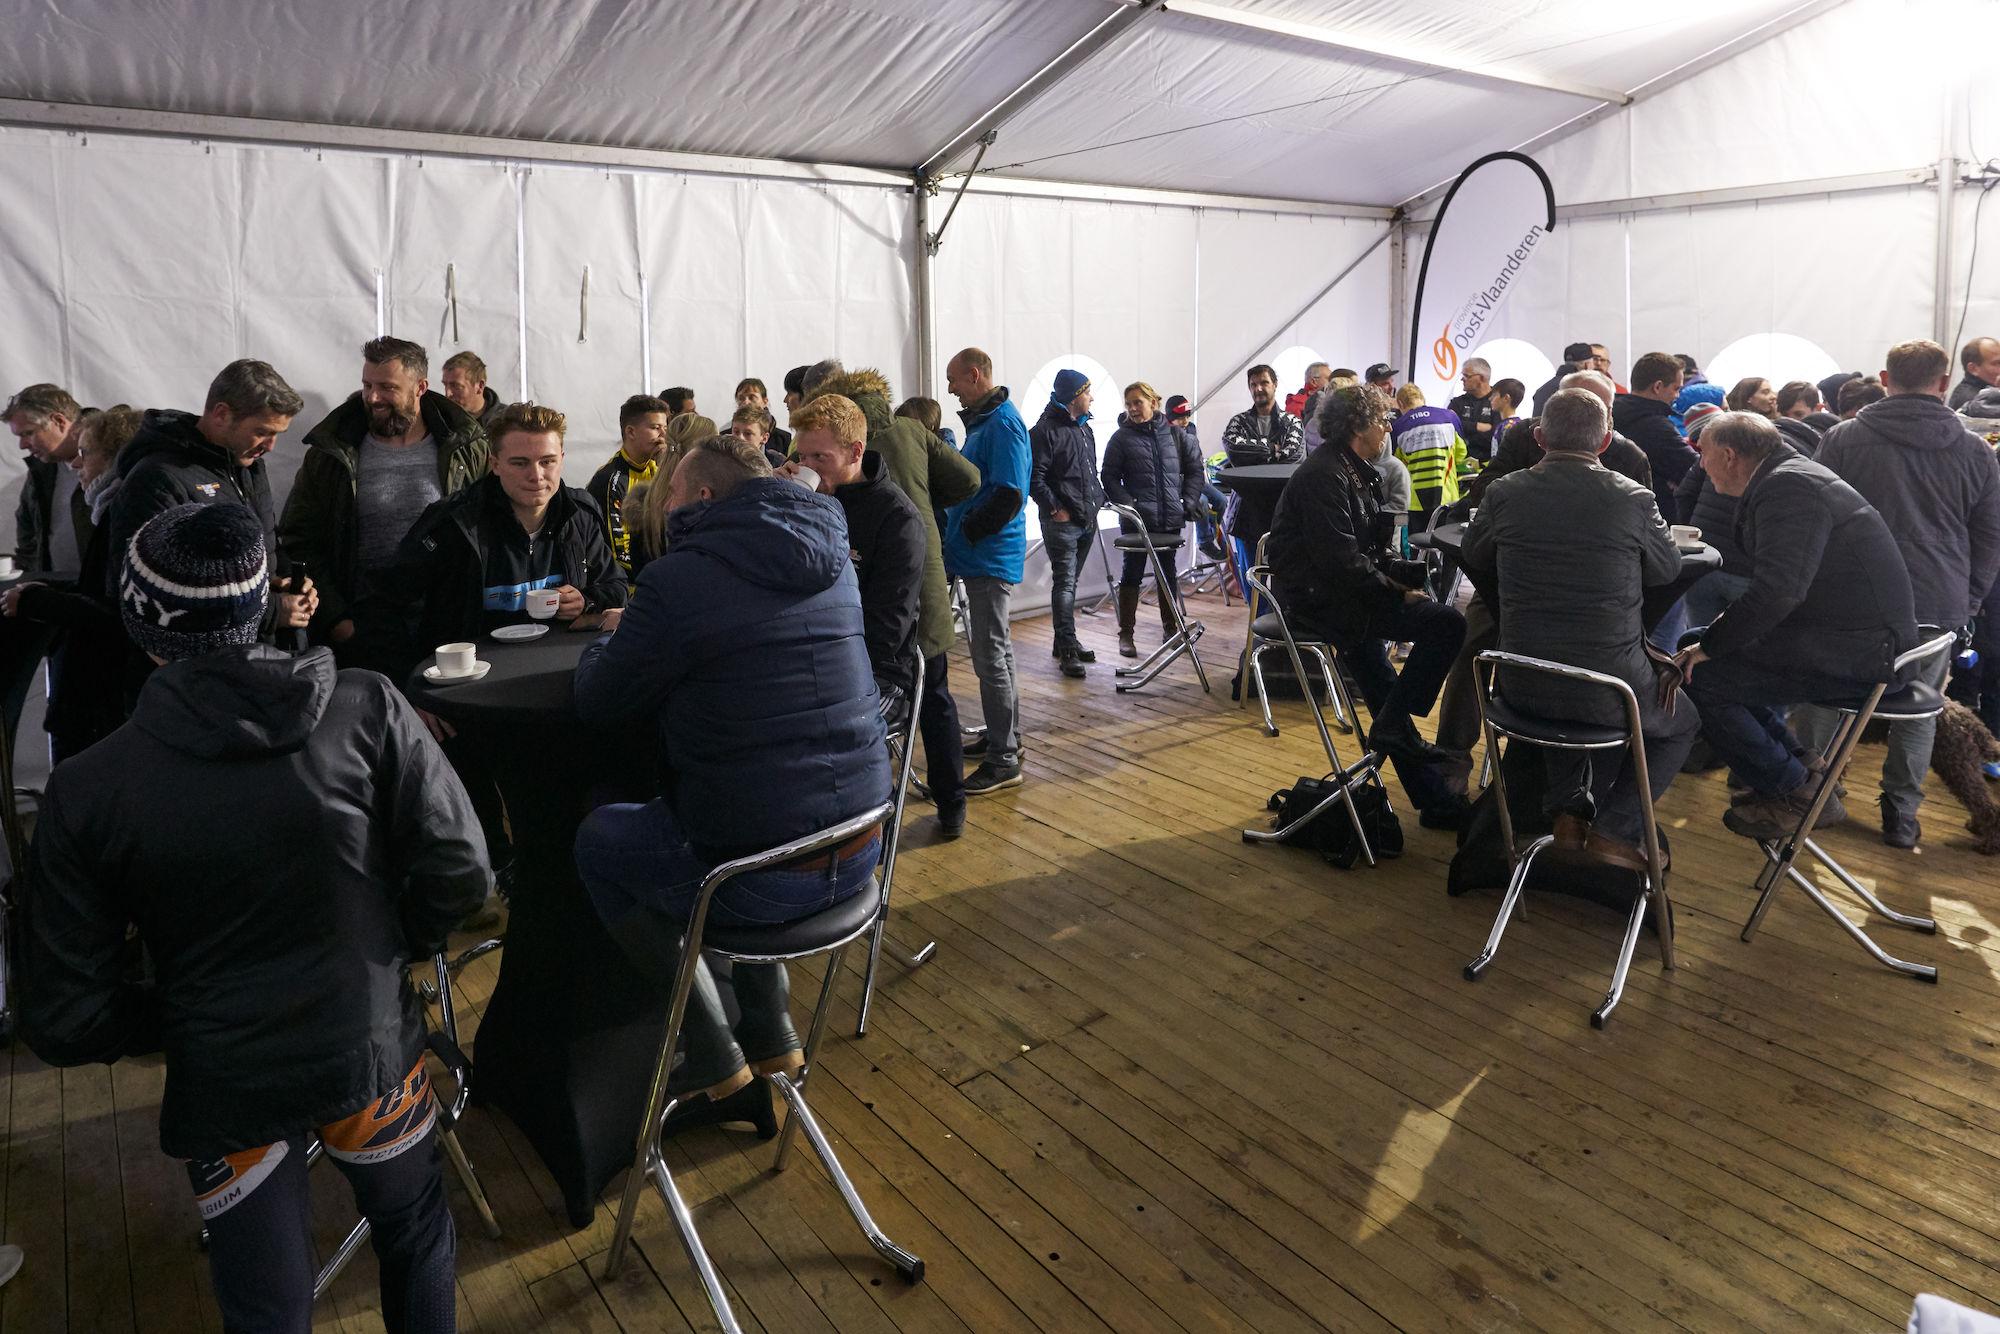 20181128_Puyenbroeck_officiele opening BMX parcour (25).jpg